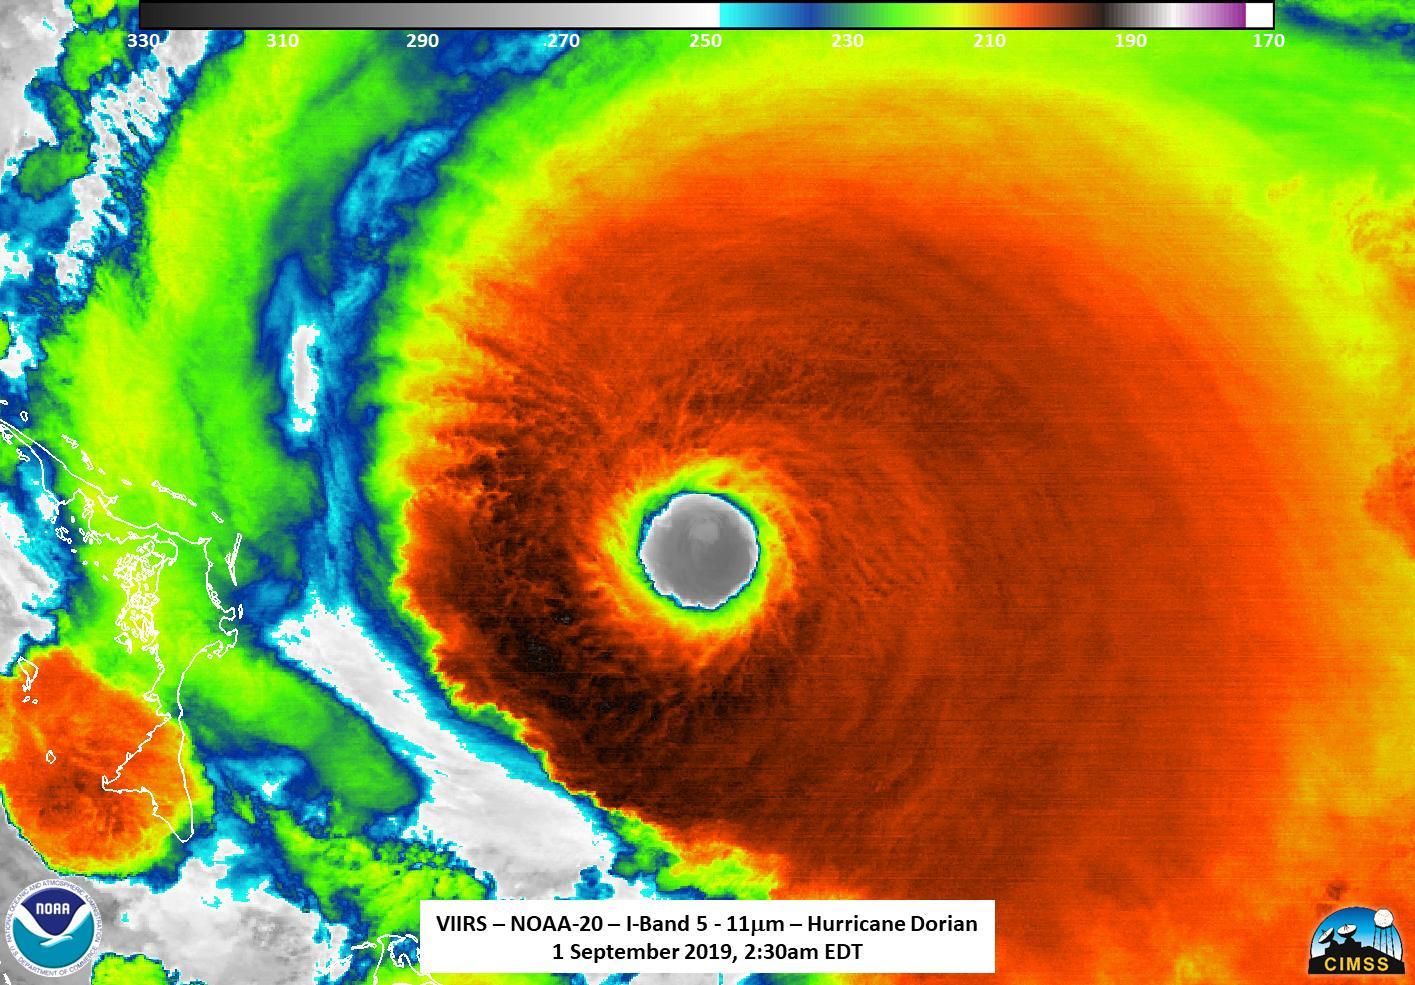 Dorian is now a CAT 5 hurricane – extreme destruction across